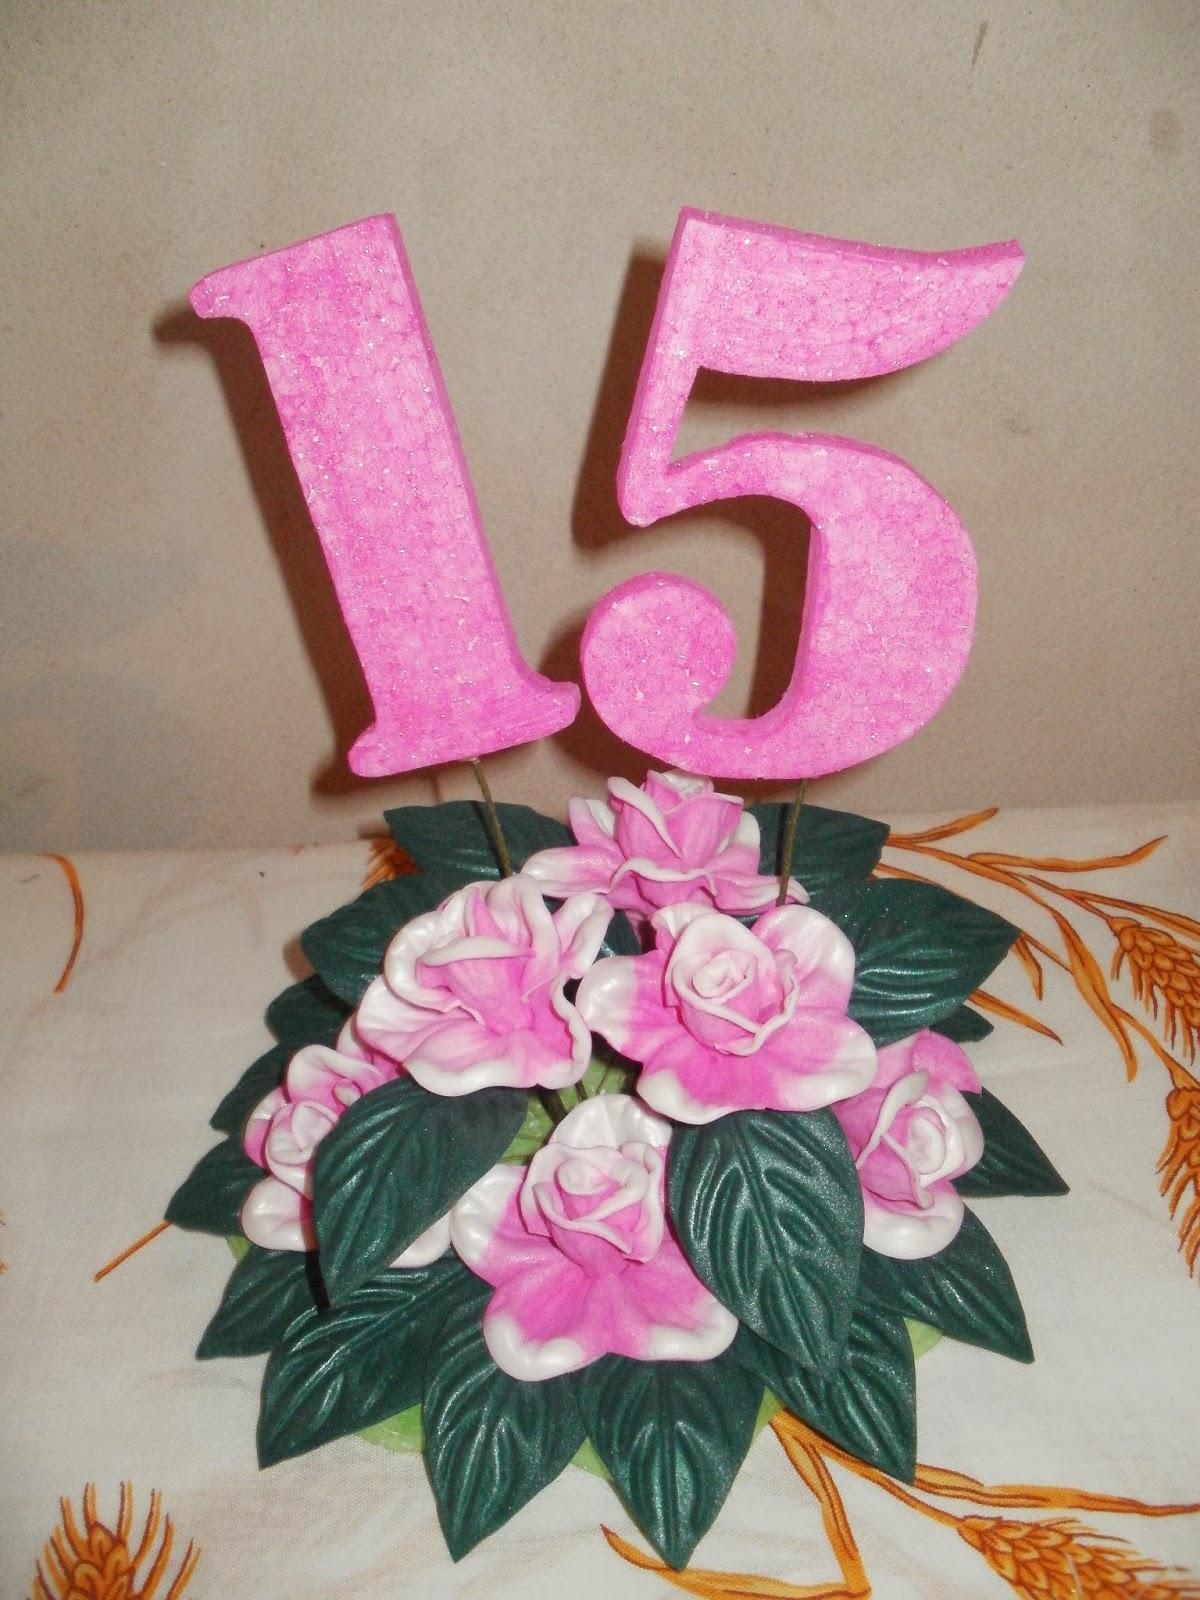 O c cotill n artesanal 15 a os fiesta tem tica flores for Ornamentacion para fiesta de 15